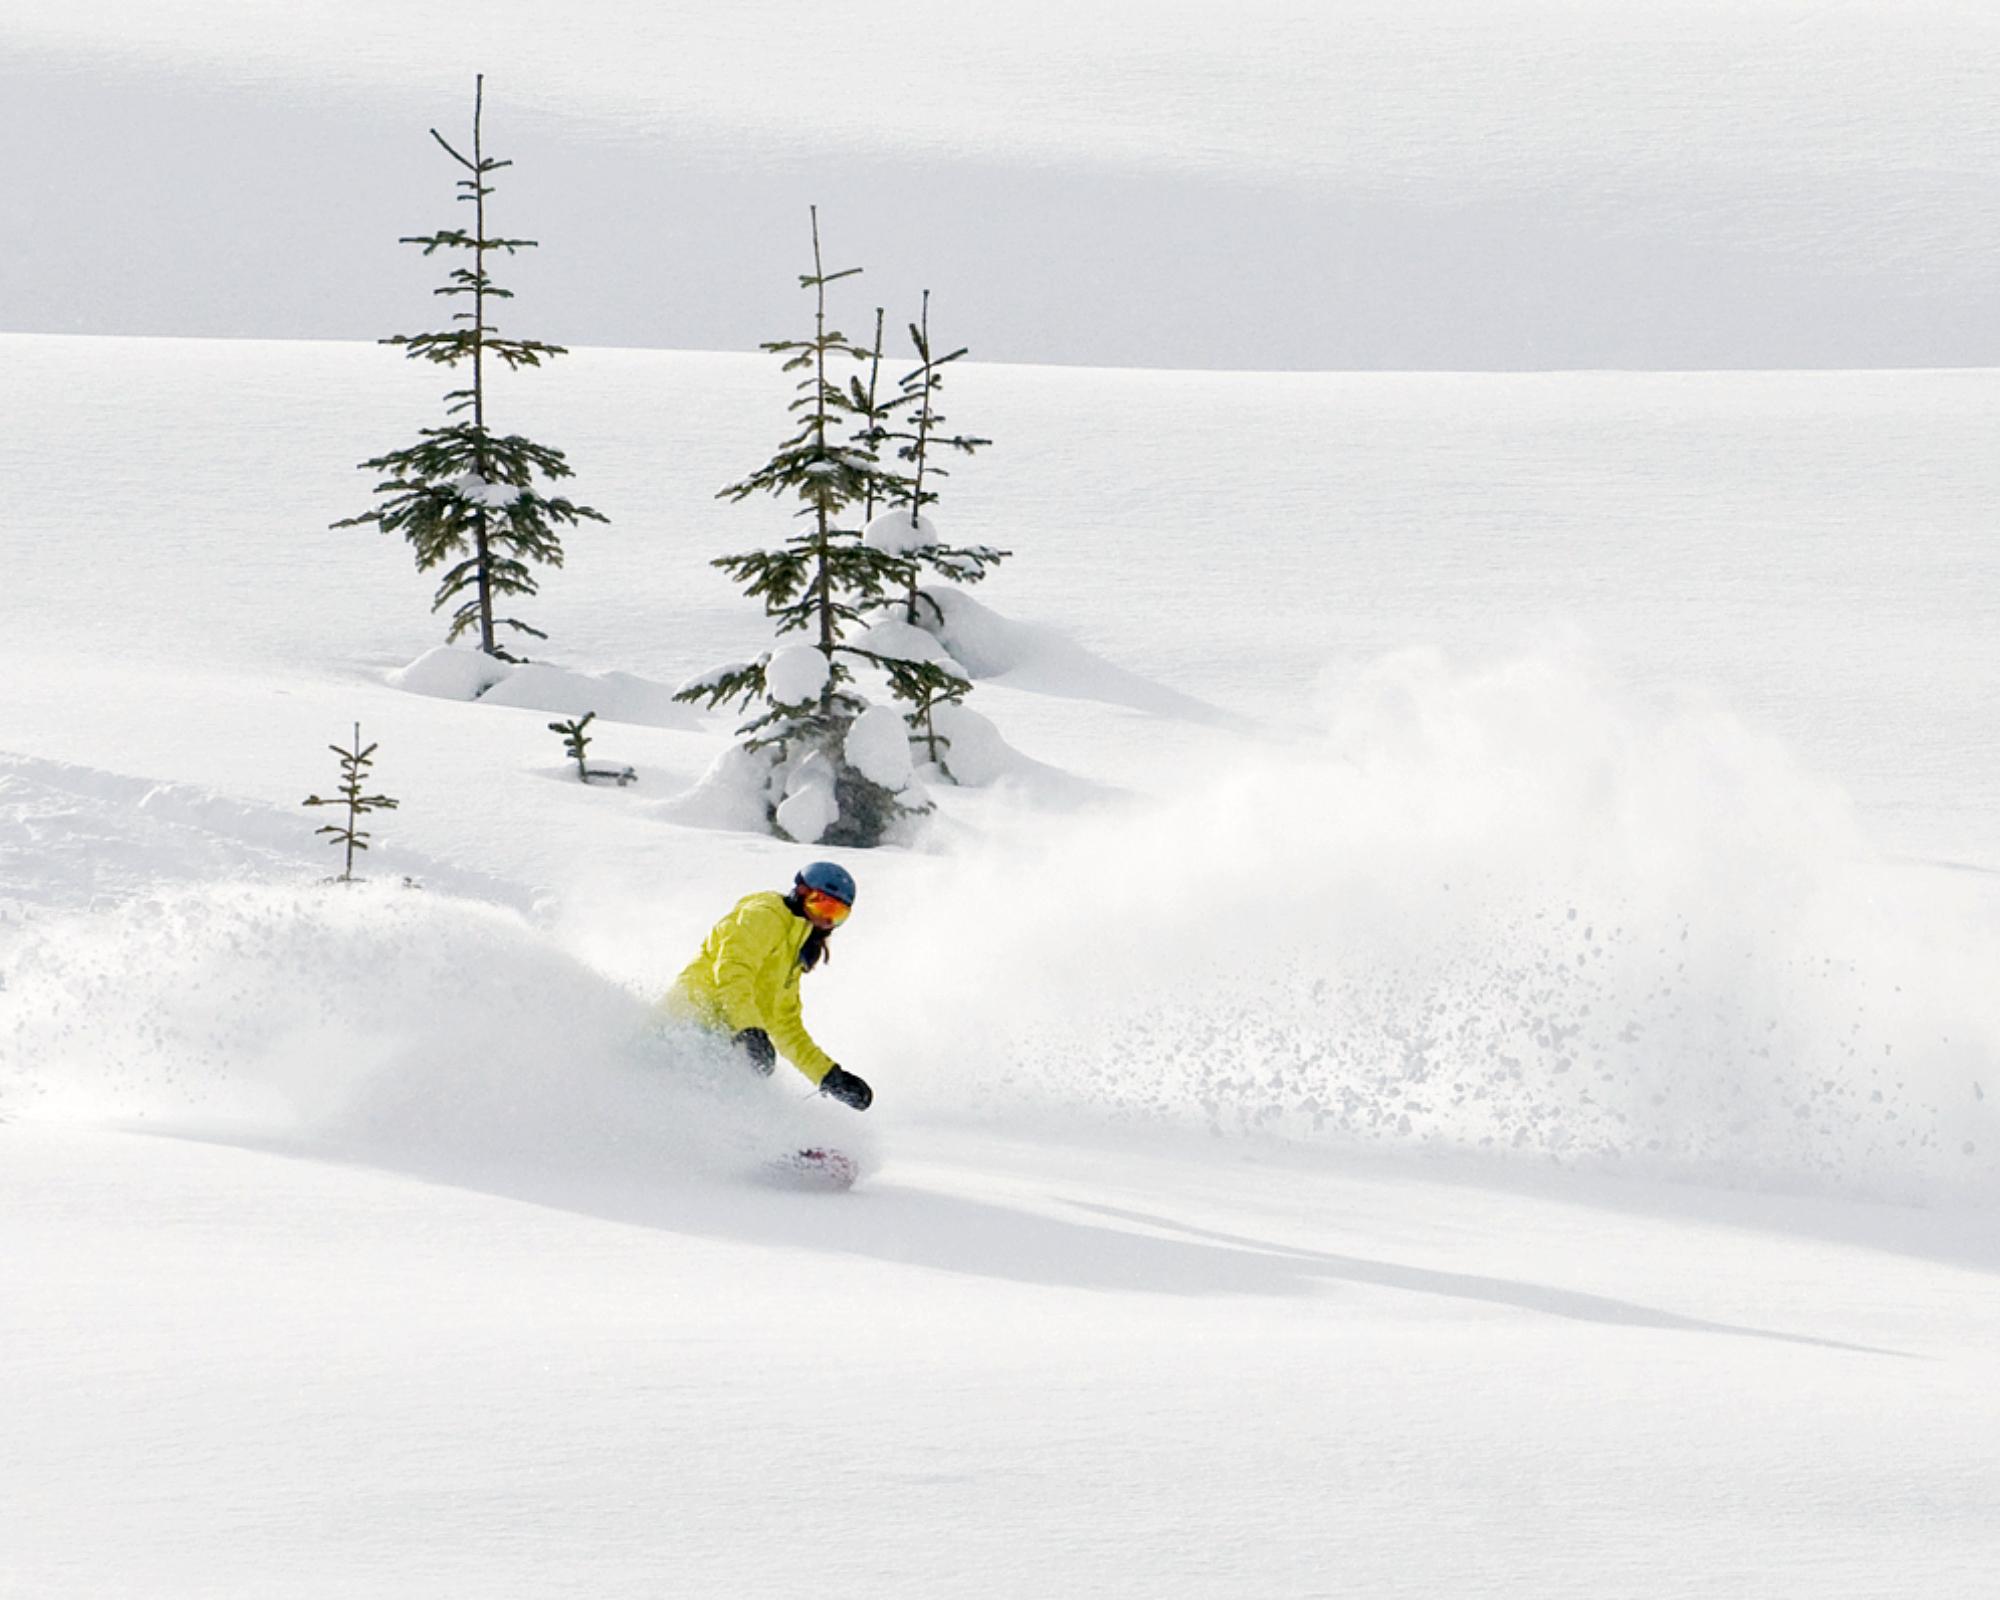 Womens Snowboard Course Whistler Canada